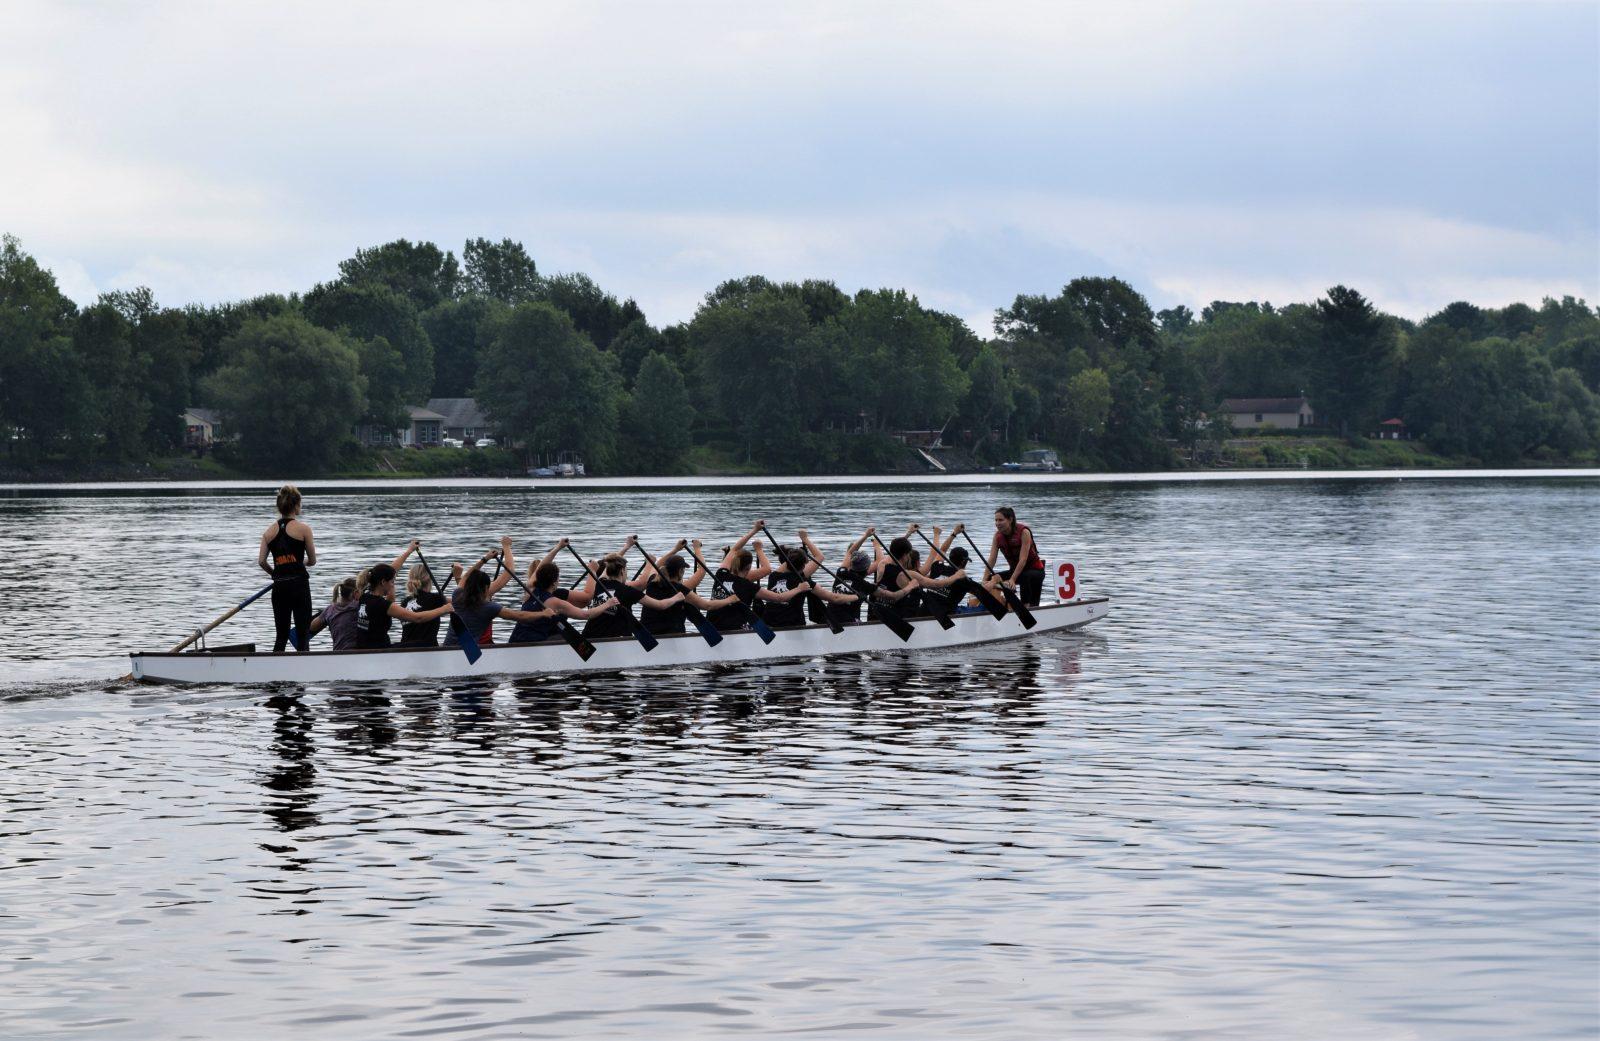 Bateaux-dragons: une compétition rassembleuse à Drummondville